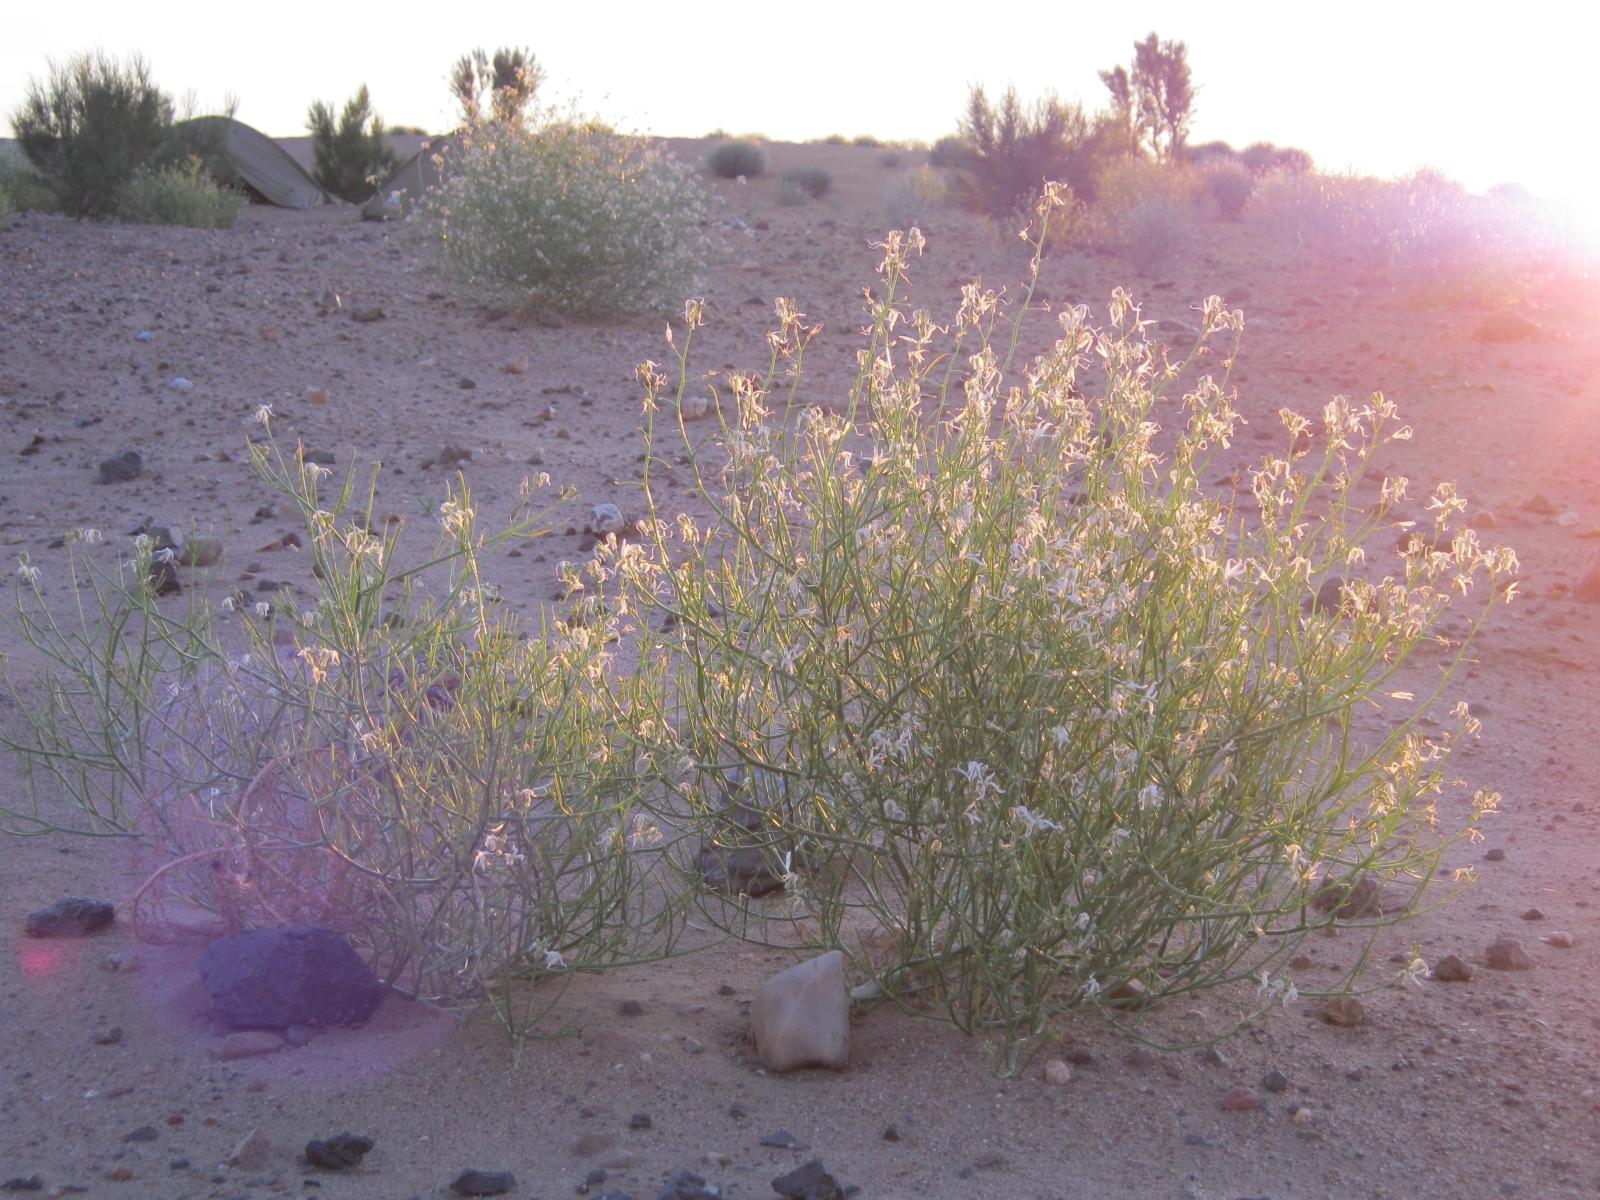 Die Typische Vegetation der Wüste Gobi im Morgenlicht